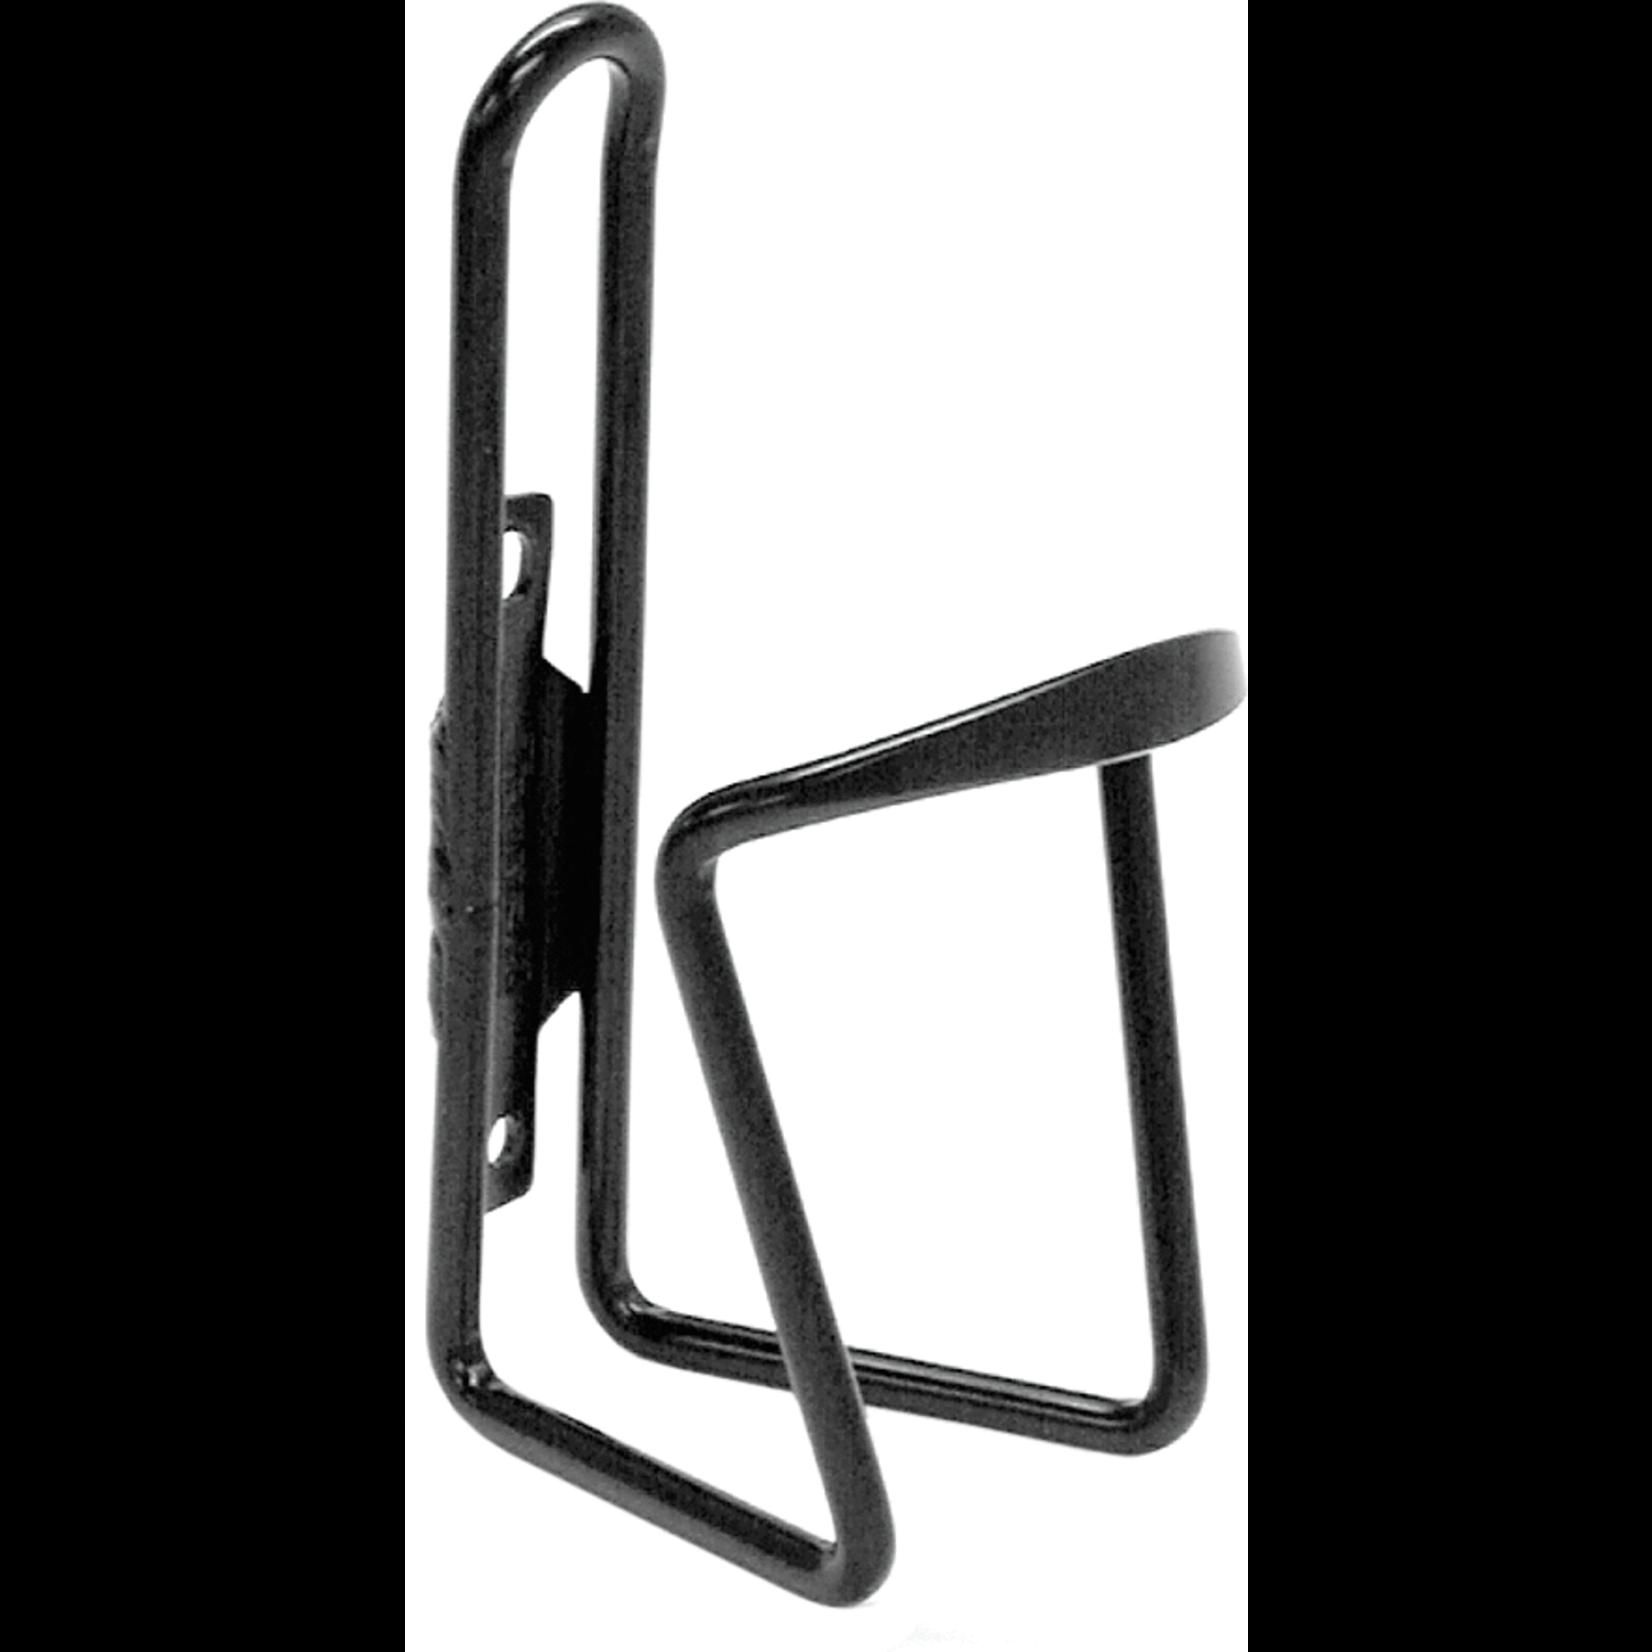 49N Porte-bidon en aluminium, Noir